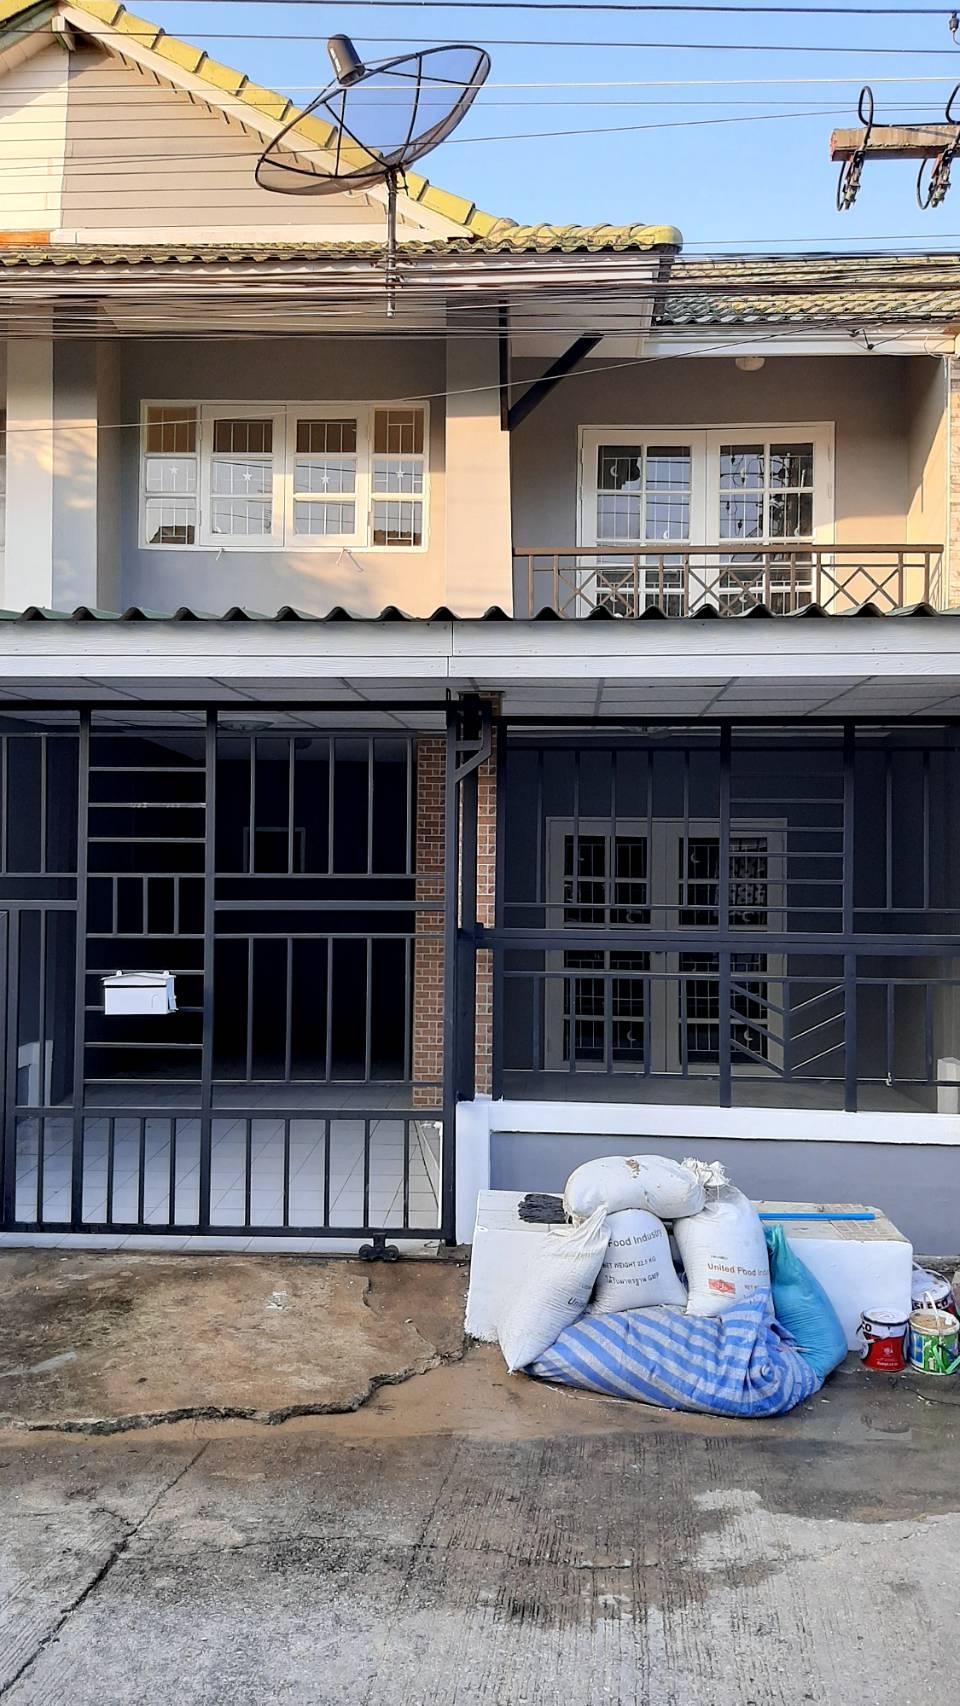 ขาย/เช่า บ้านพฤกษา บี ทาวน์เฮาส์ 2 ชั้น ขนาด 18 ตารางวา พร้อมต่อเติมที่จอดรถ มี 3 ห้องนอน 2 ห้องน้ำ